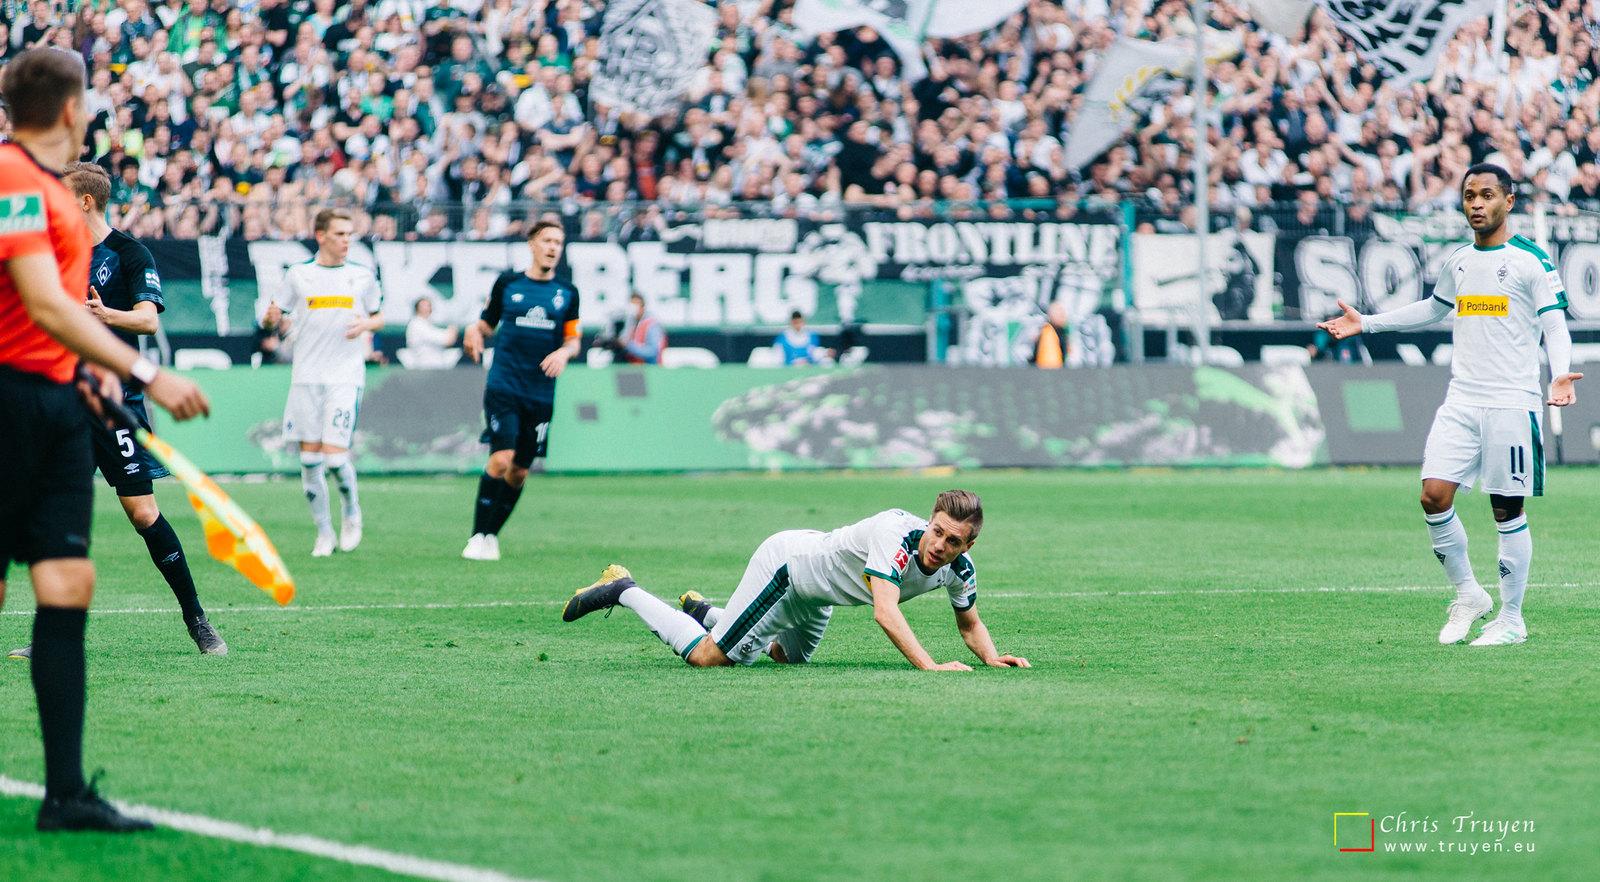 Borussia Mönchengladbach - Werder Bremen